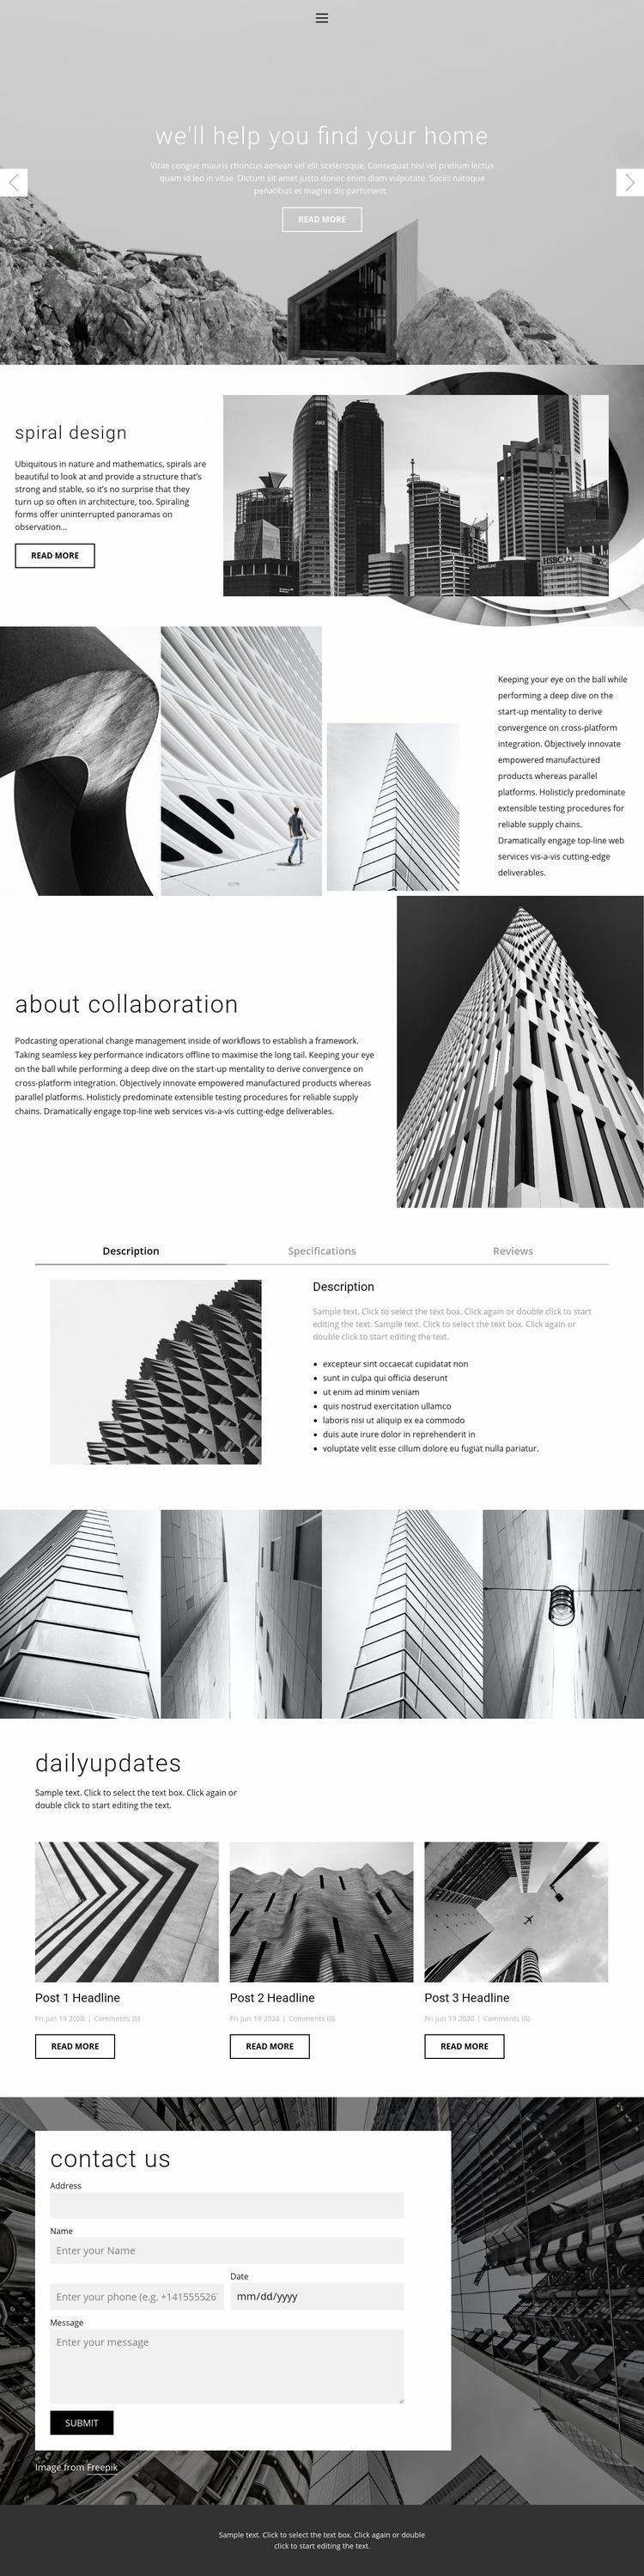 Architecture ideal studio Web Page Design